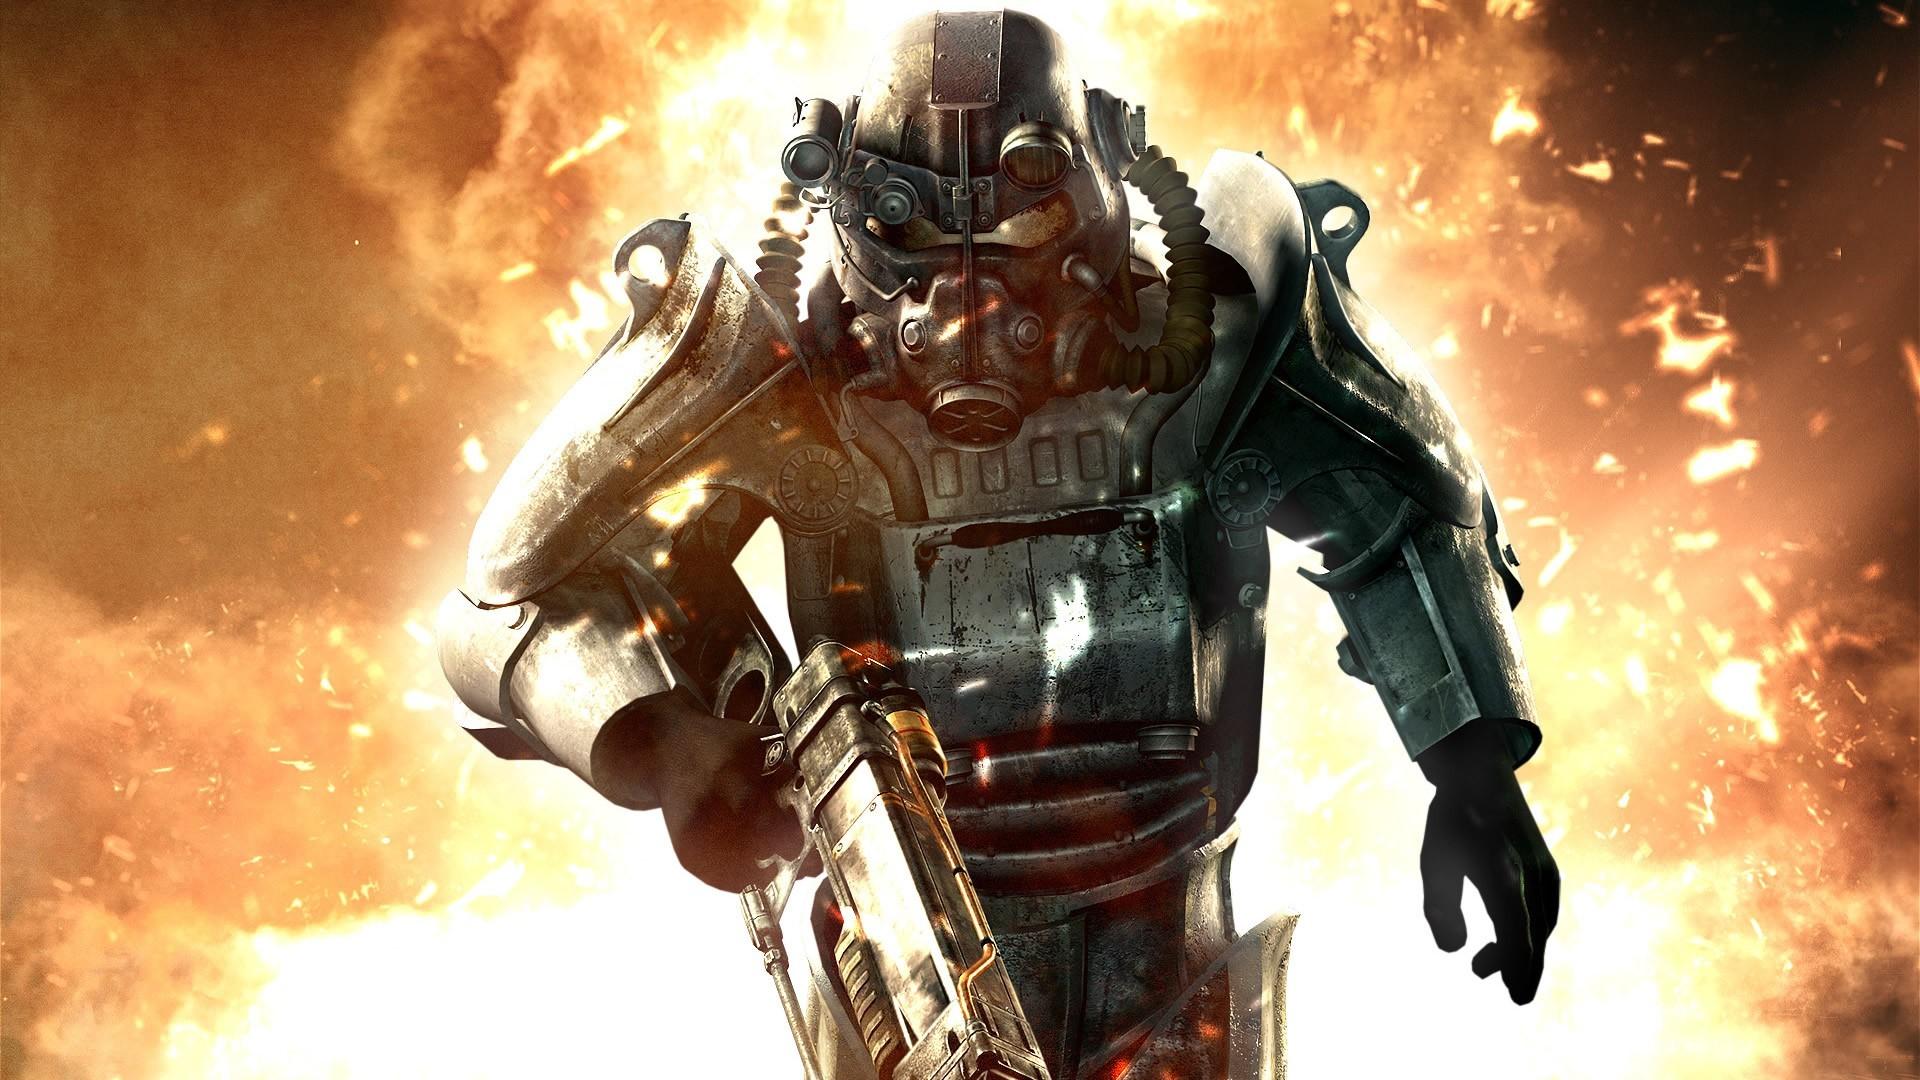 Fallout 4 Game HD wallpaper